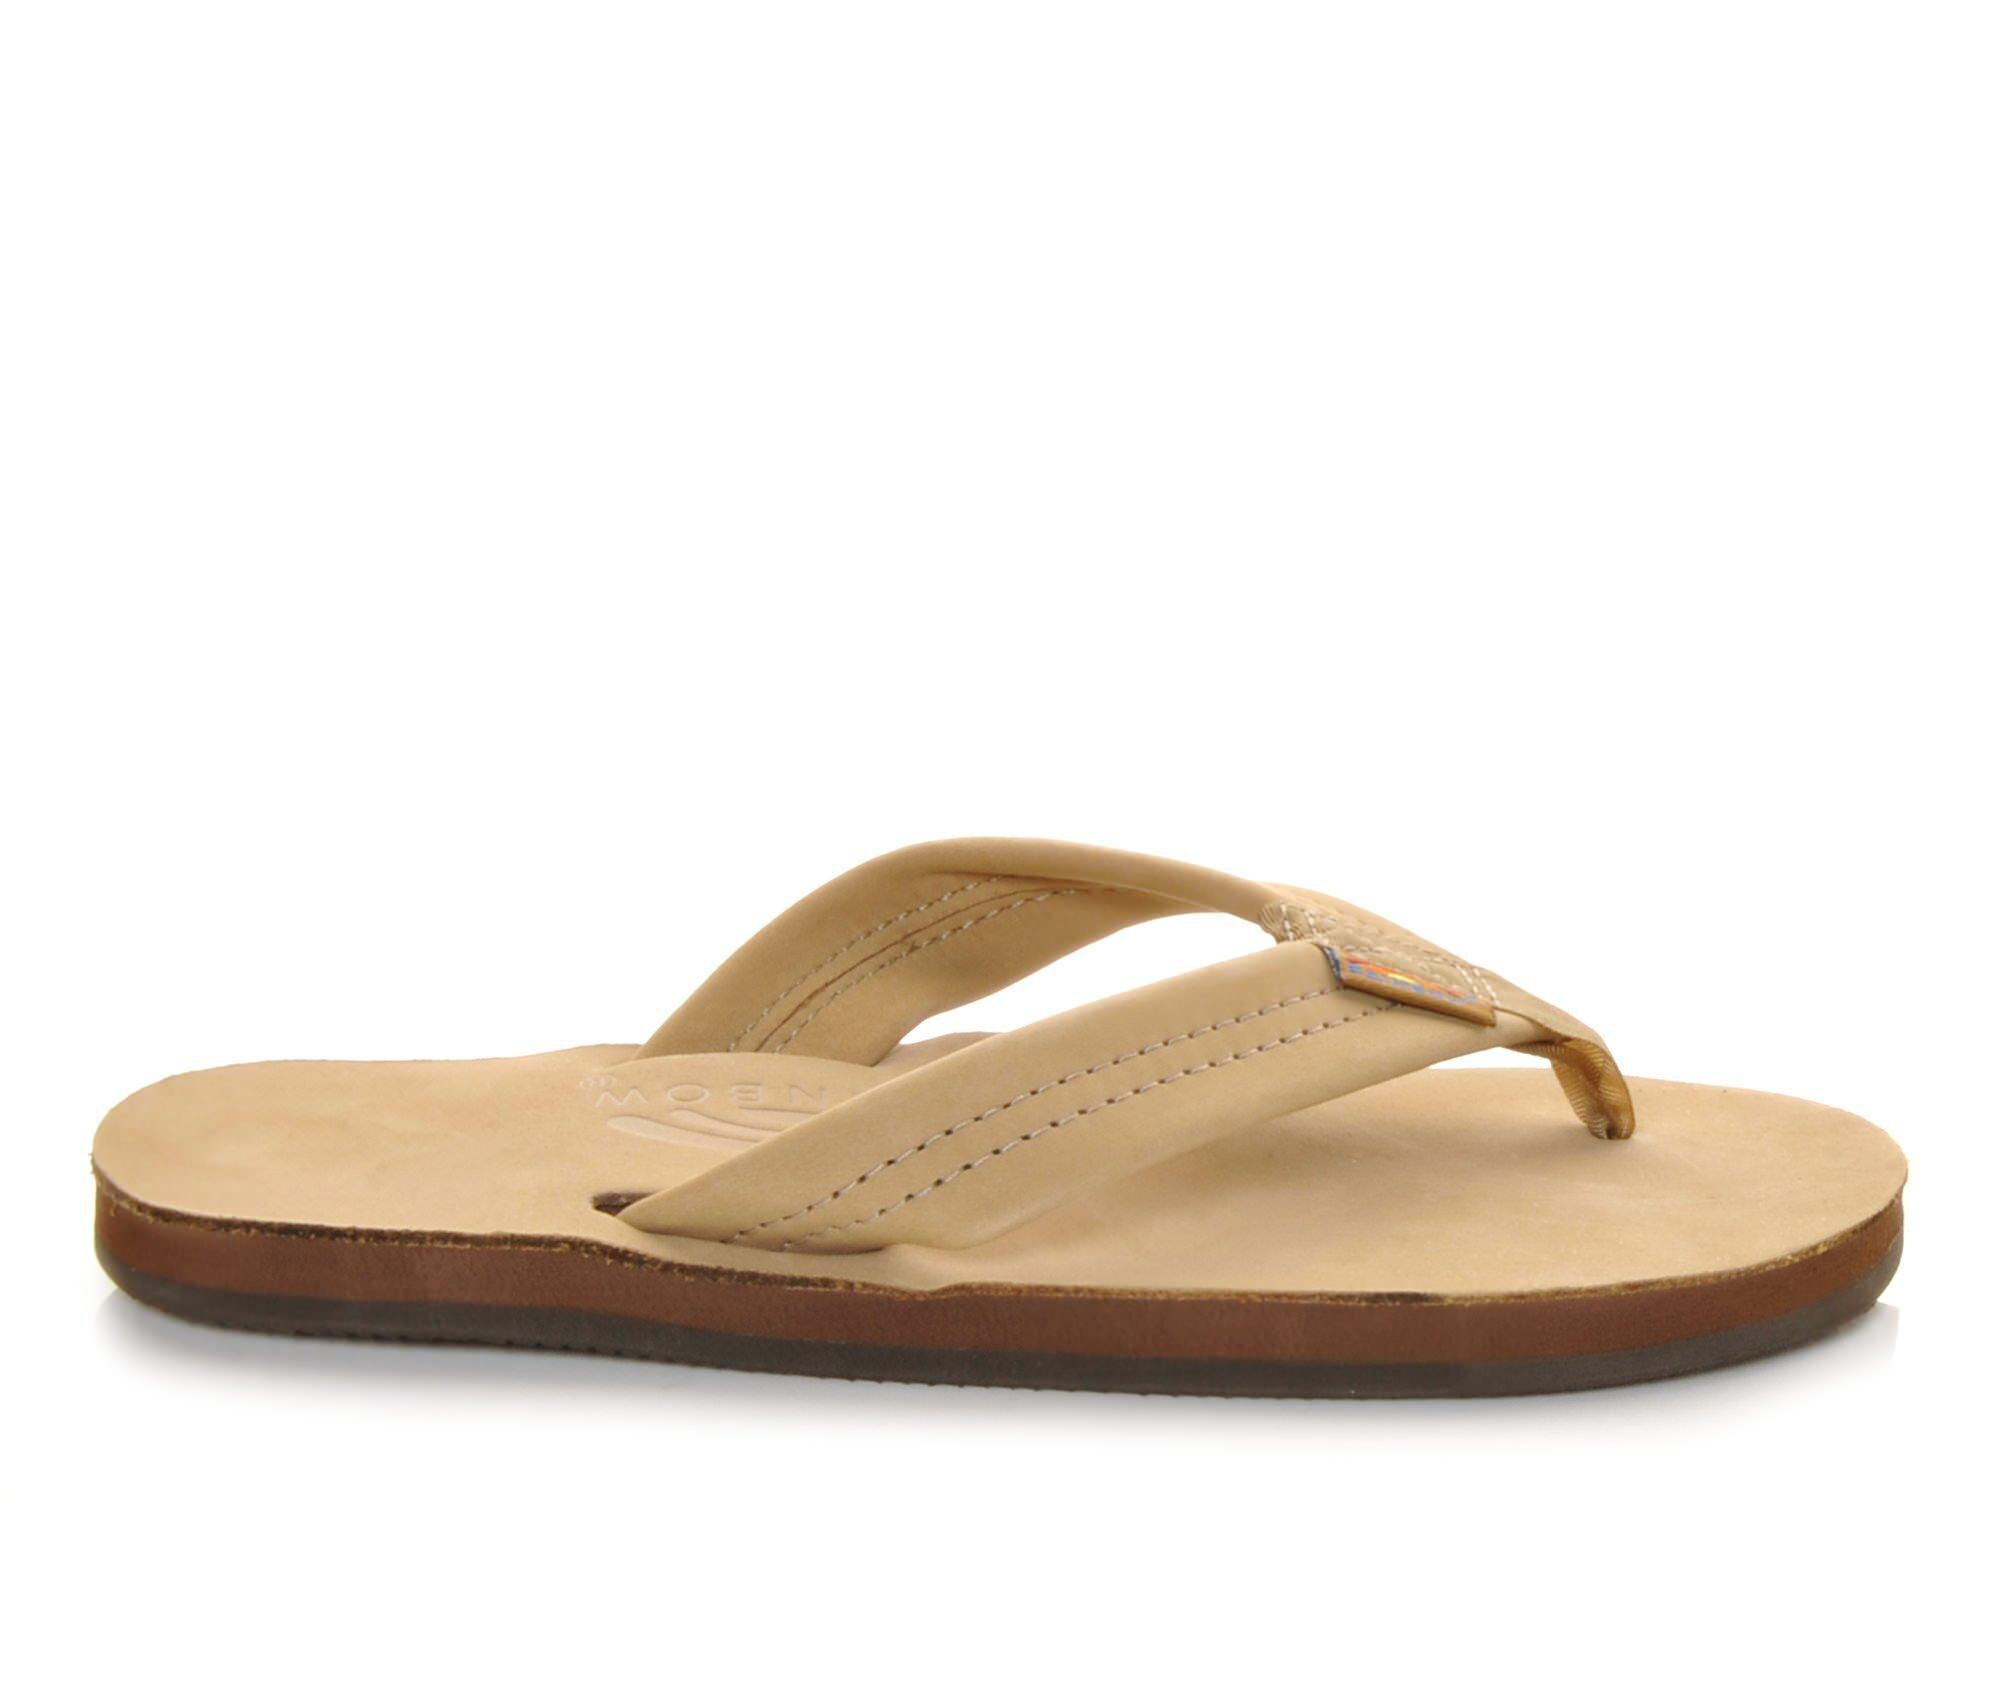 Women's Rainbow Sandals Single Layer Premier Leather 301ALTS Flip Flops